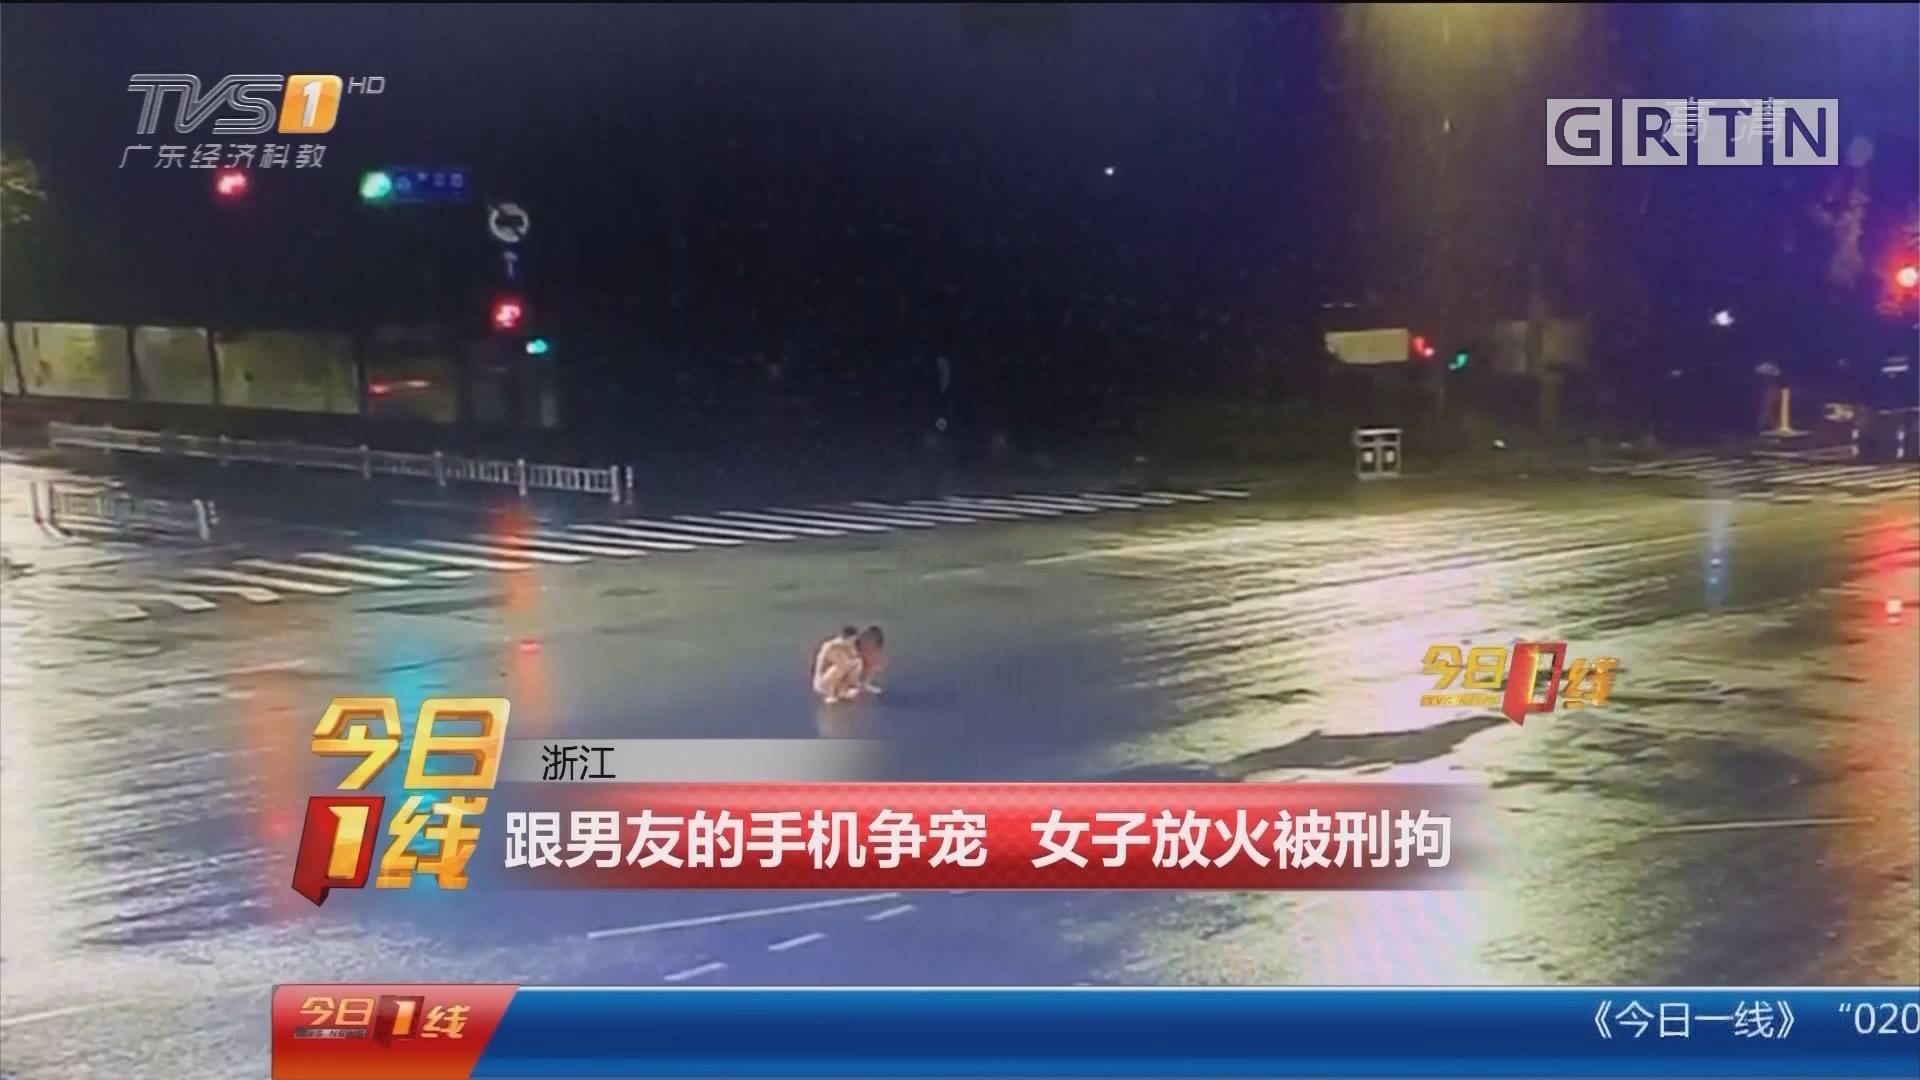 浙江:跟男友的手机争宠 女子放火被刑拘